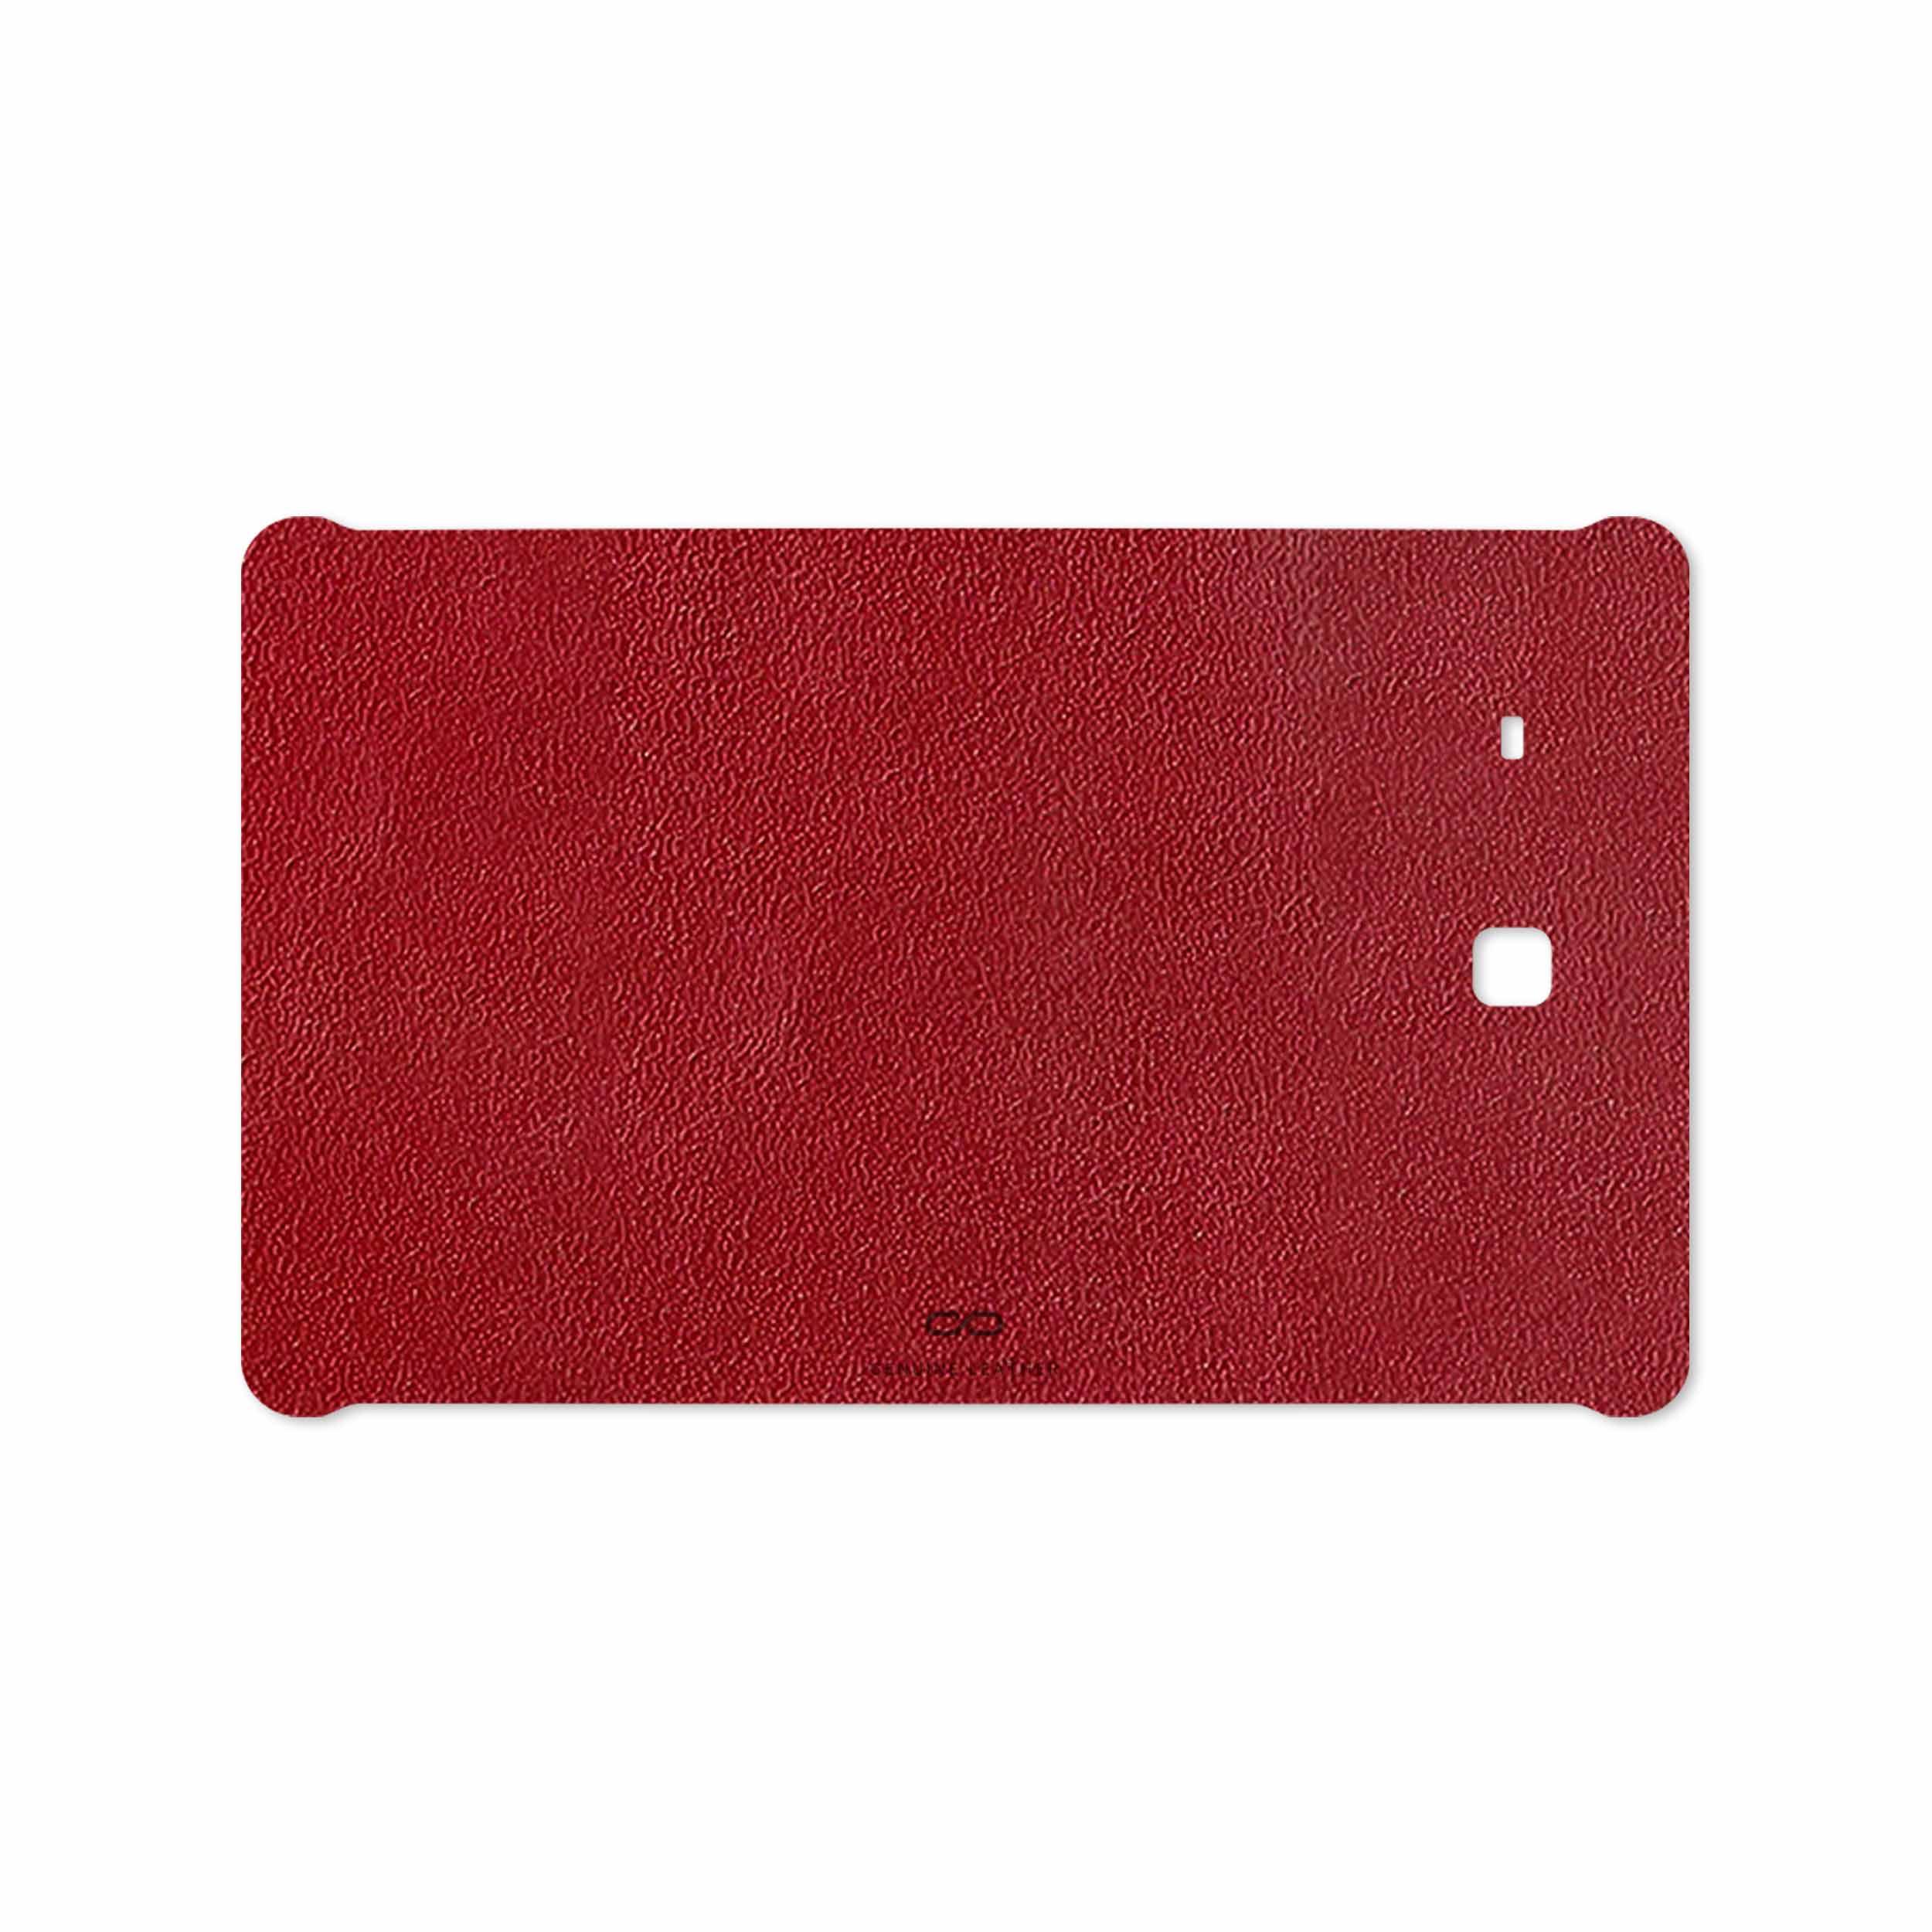 بررسی و خرید [با تخفیف]                                     برچسب پوششی ماهوت مدل Red-Leather مناسب برای تبلت سامسونگ Galaxy Tab E 9.6 2015 T561                             اورجینال